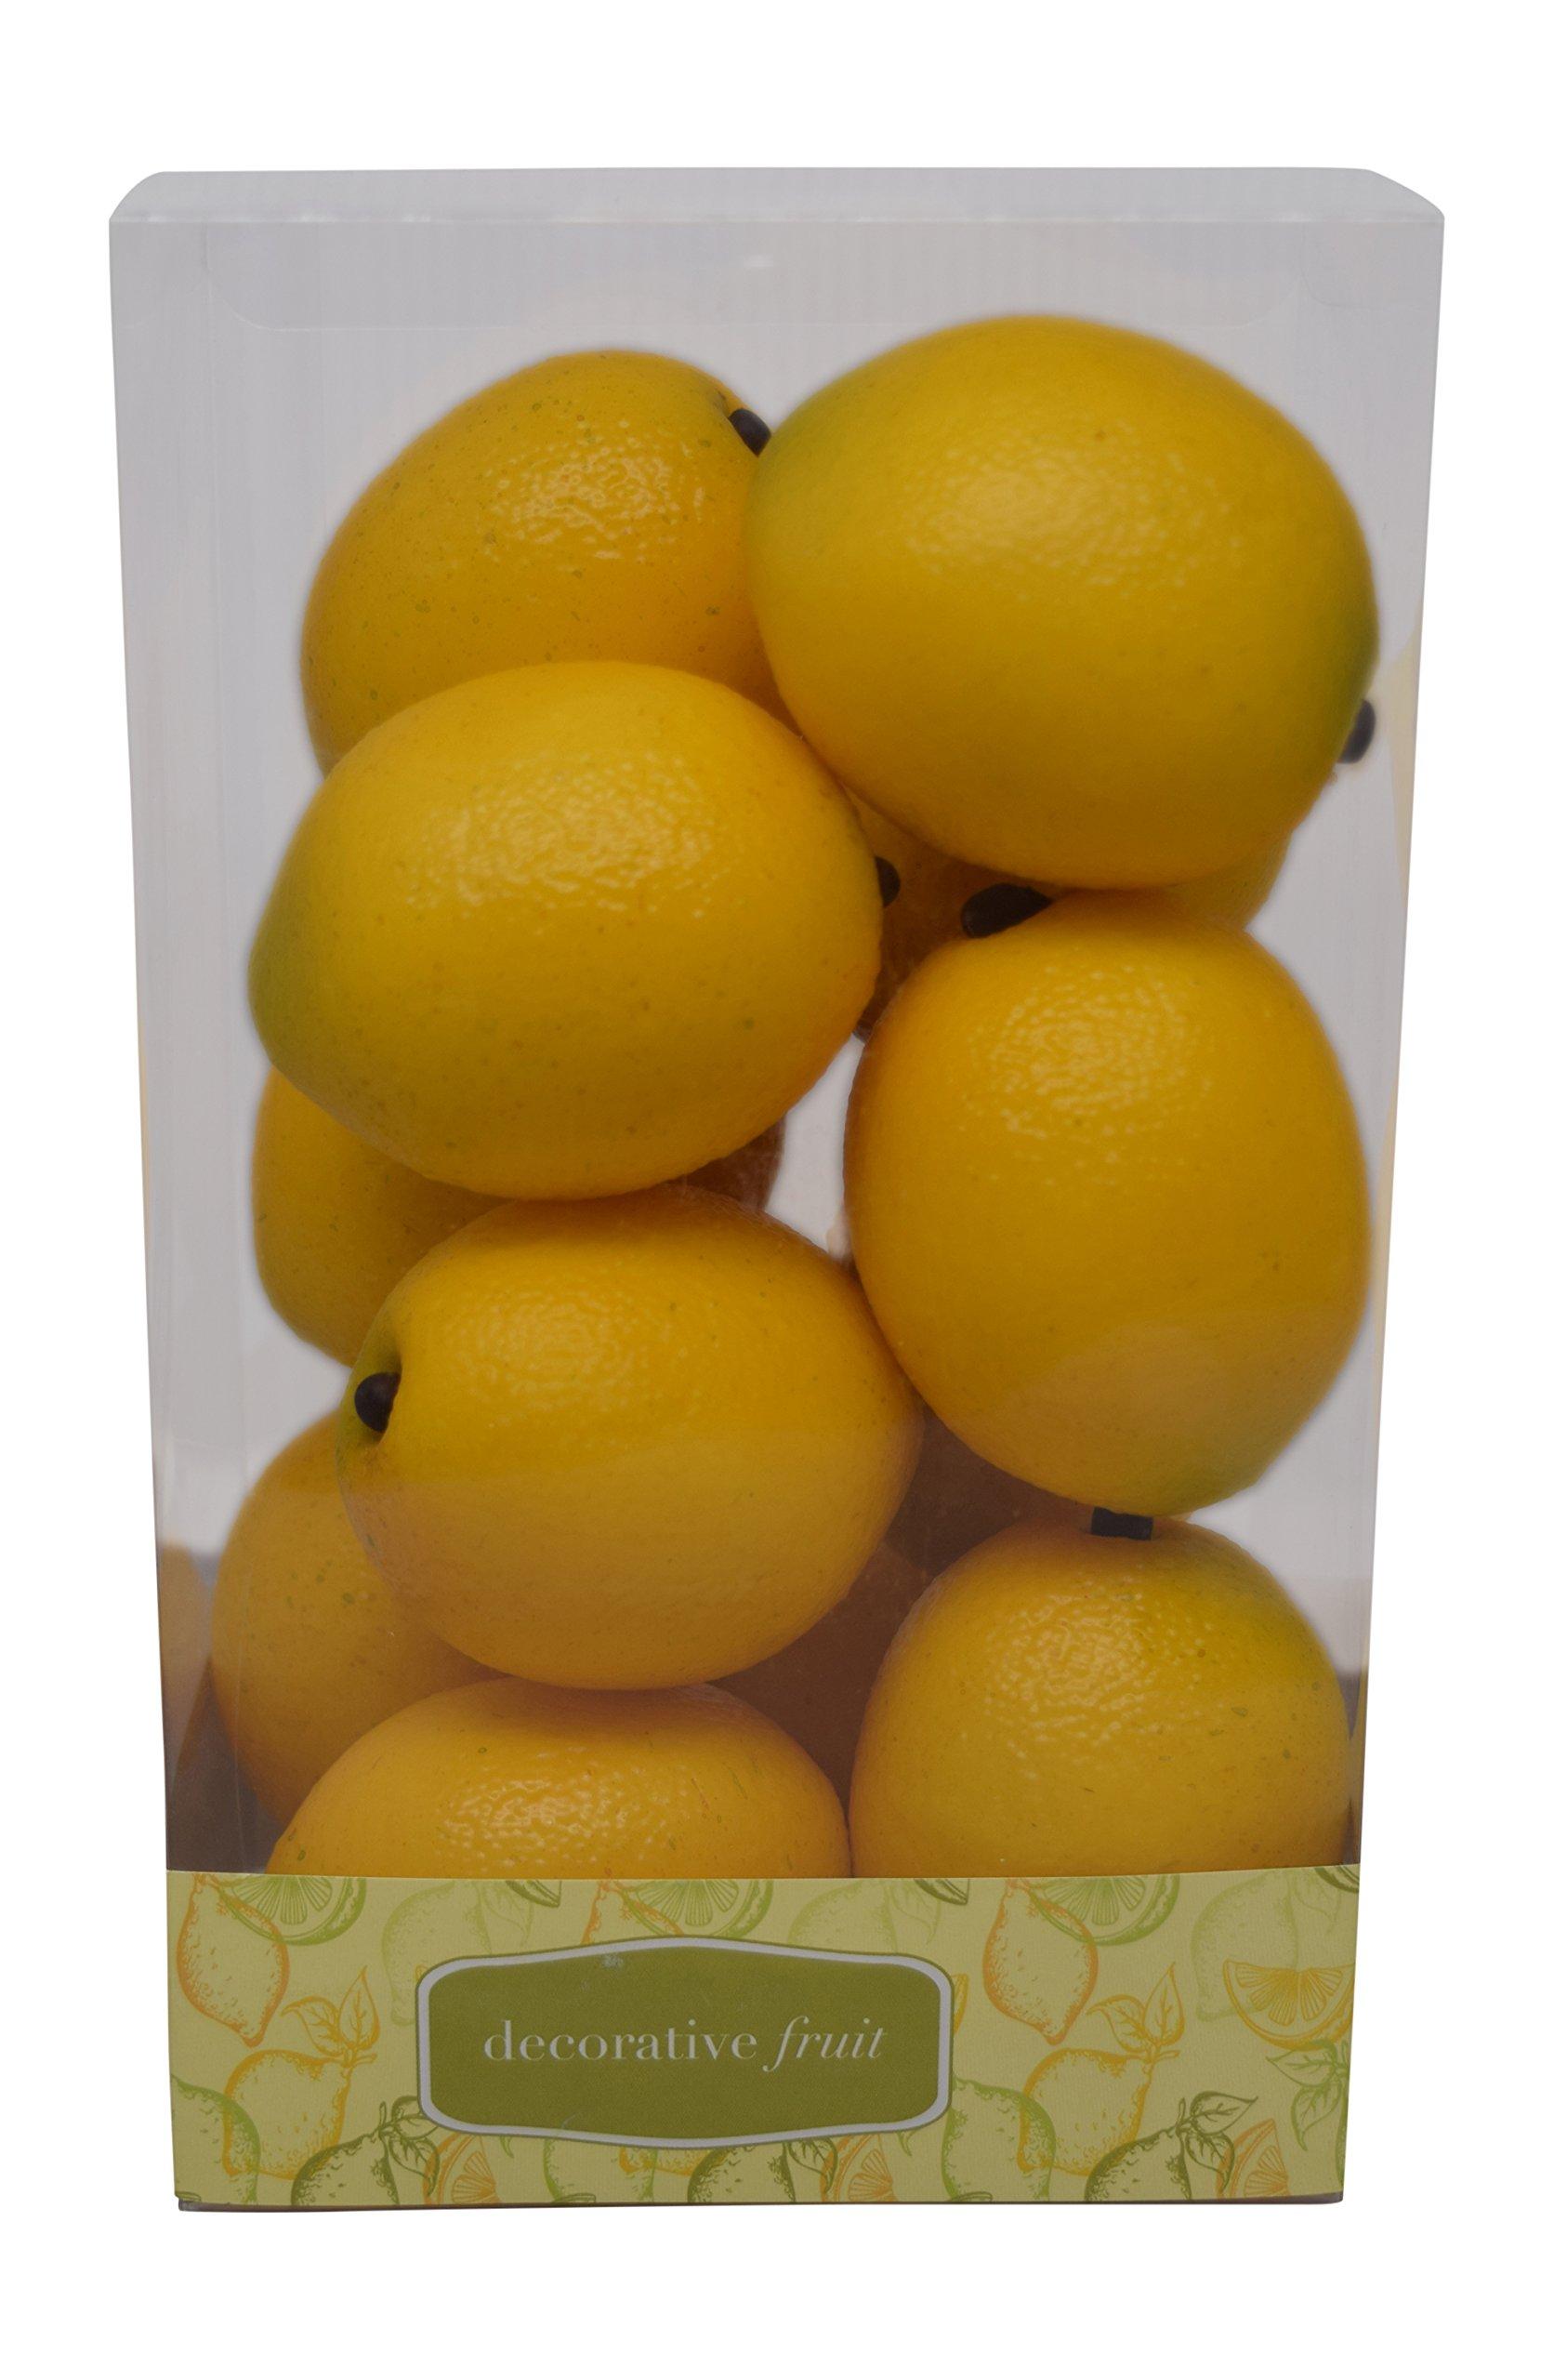 Florabunda-12-Piece-Mini-Decorative-Fruit-Yellow-Lemon